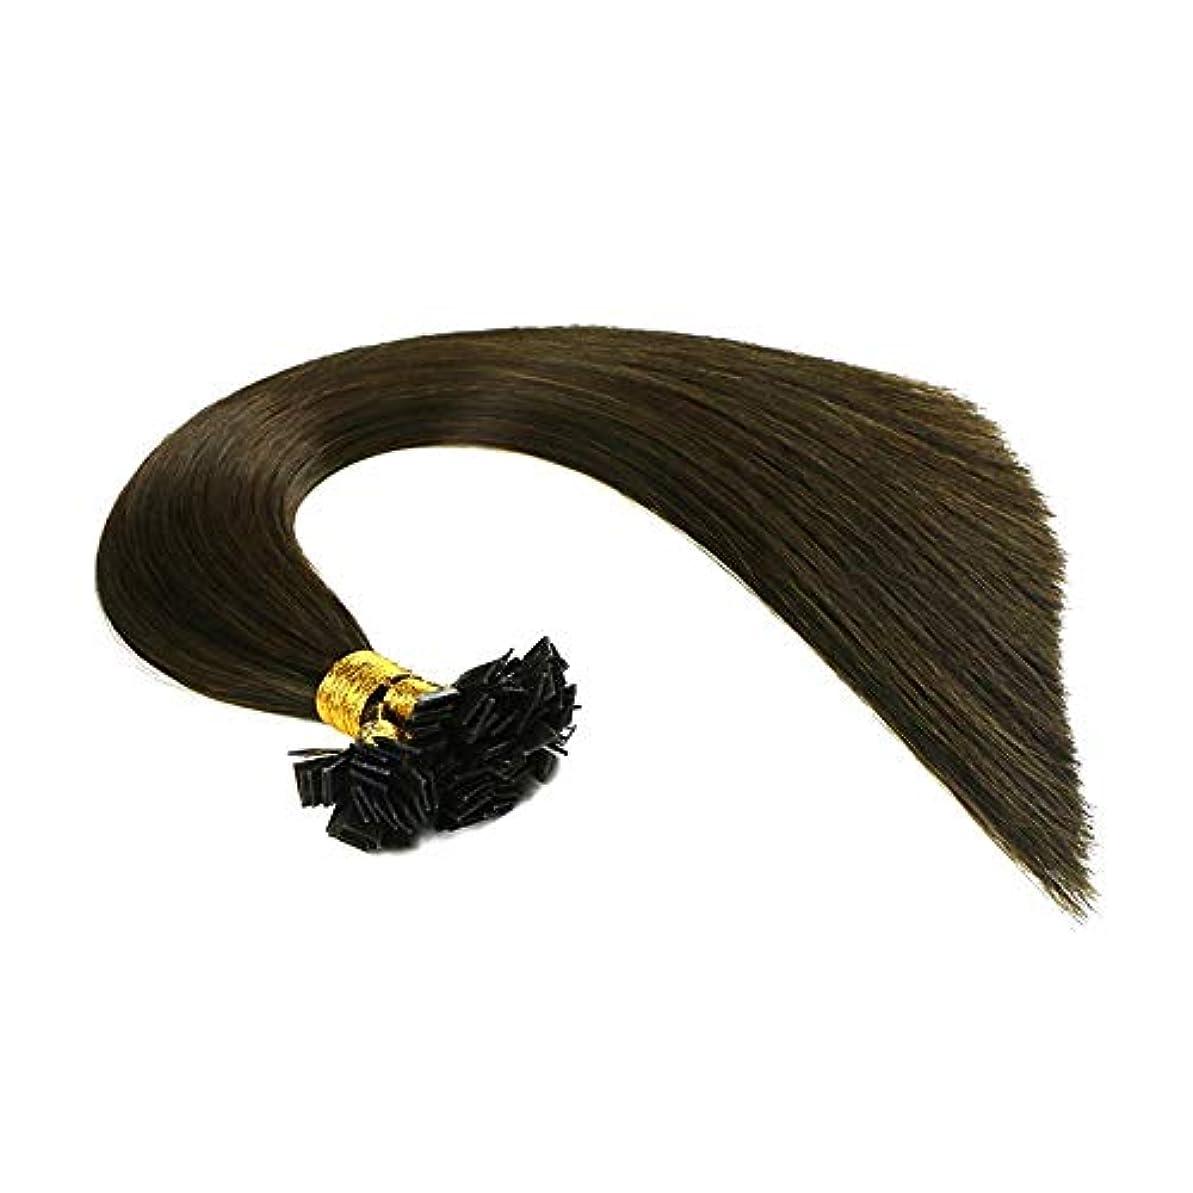 指紋日記結晶WASAIO ナノリングヘアエクステンションブラジルヒトクリップUnseamed髪型交換用の変更のスタイル (色 : Photo color, サイズ : 26 inch)